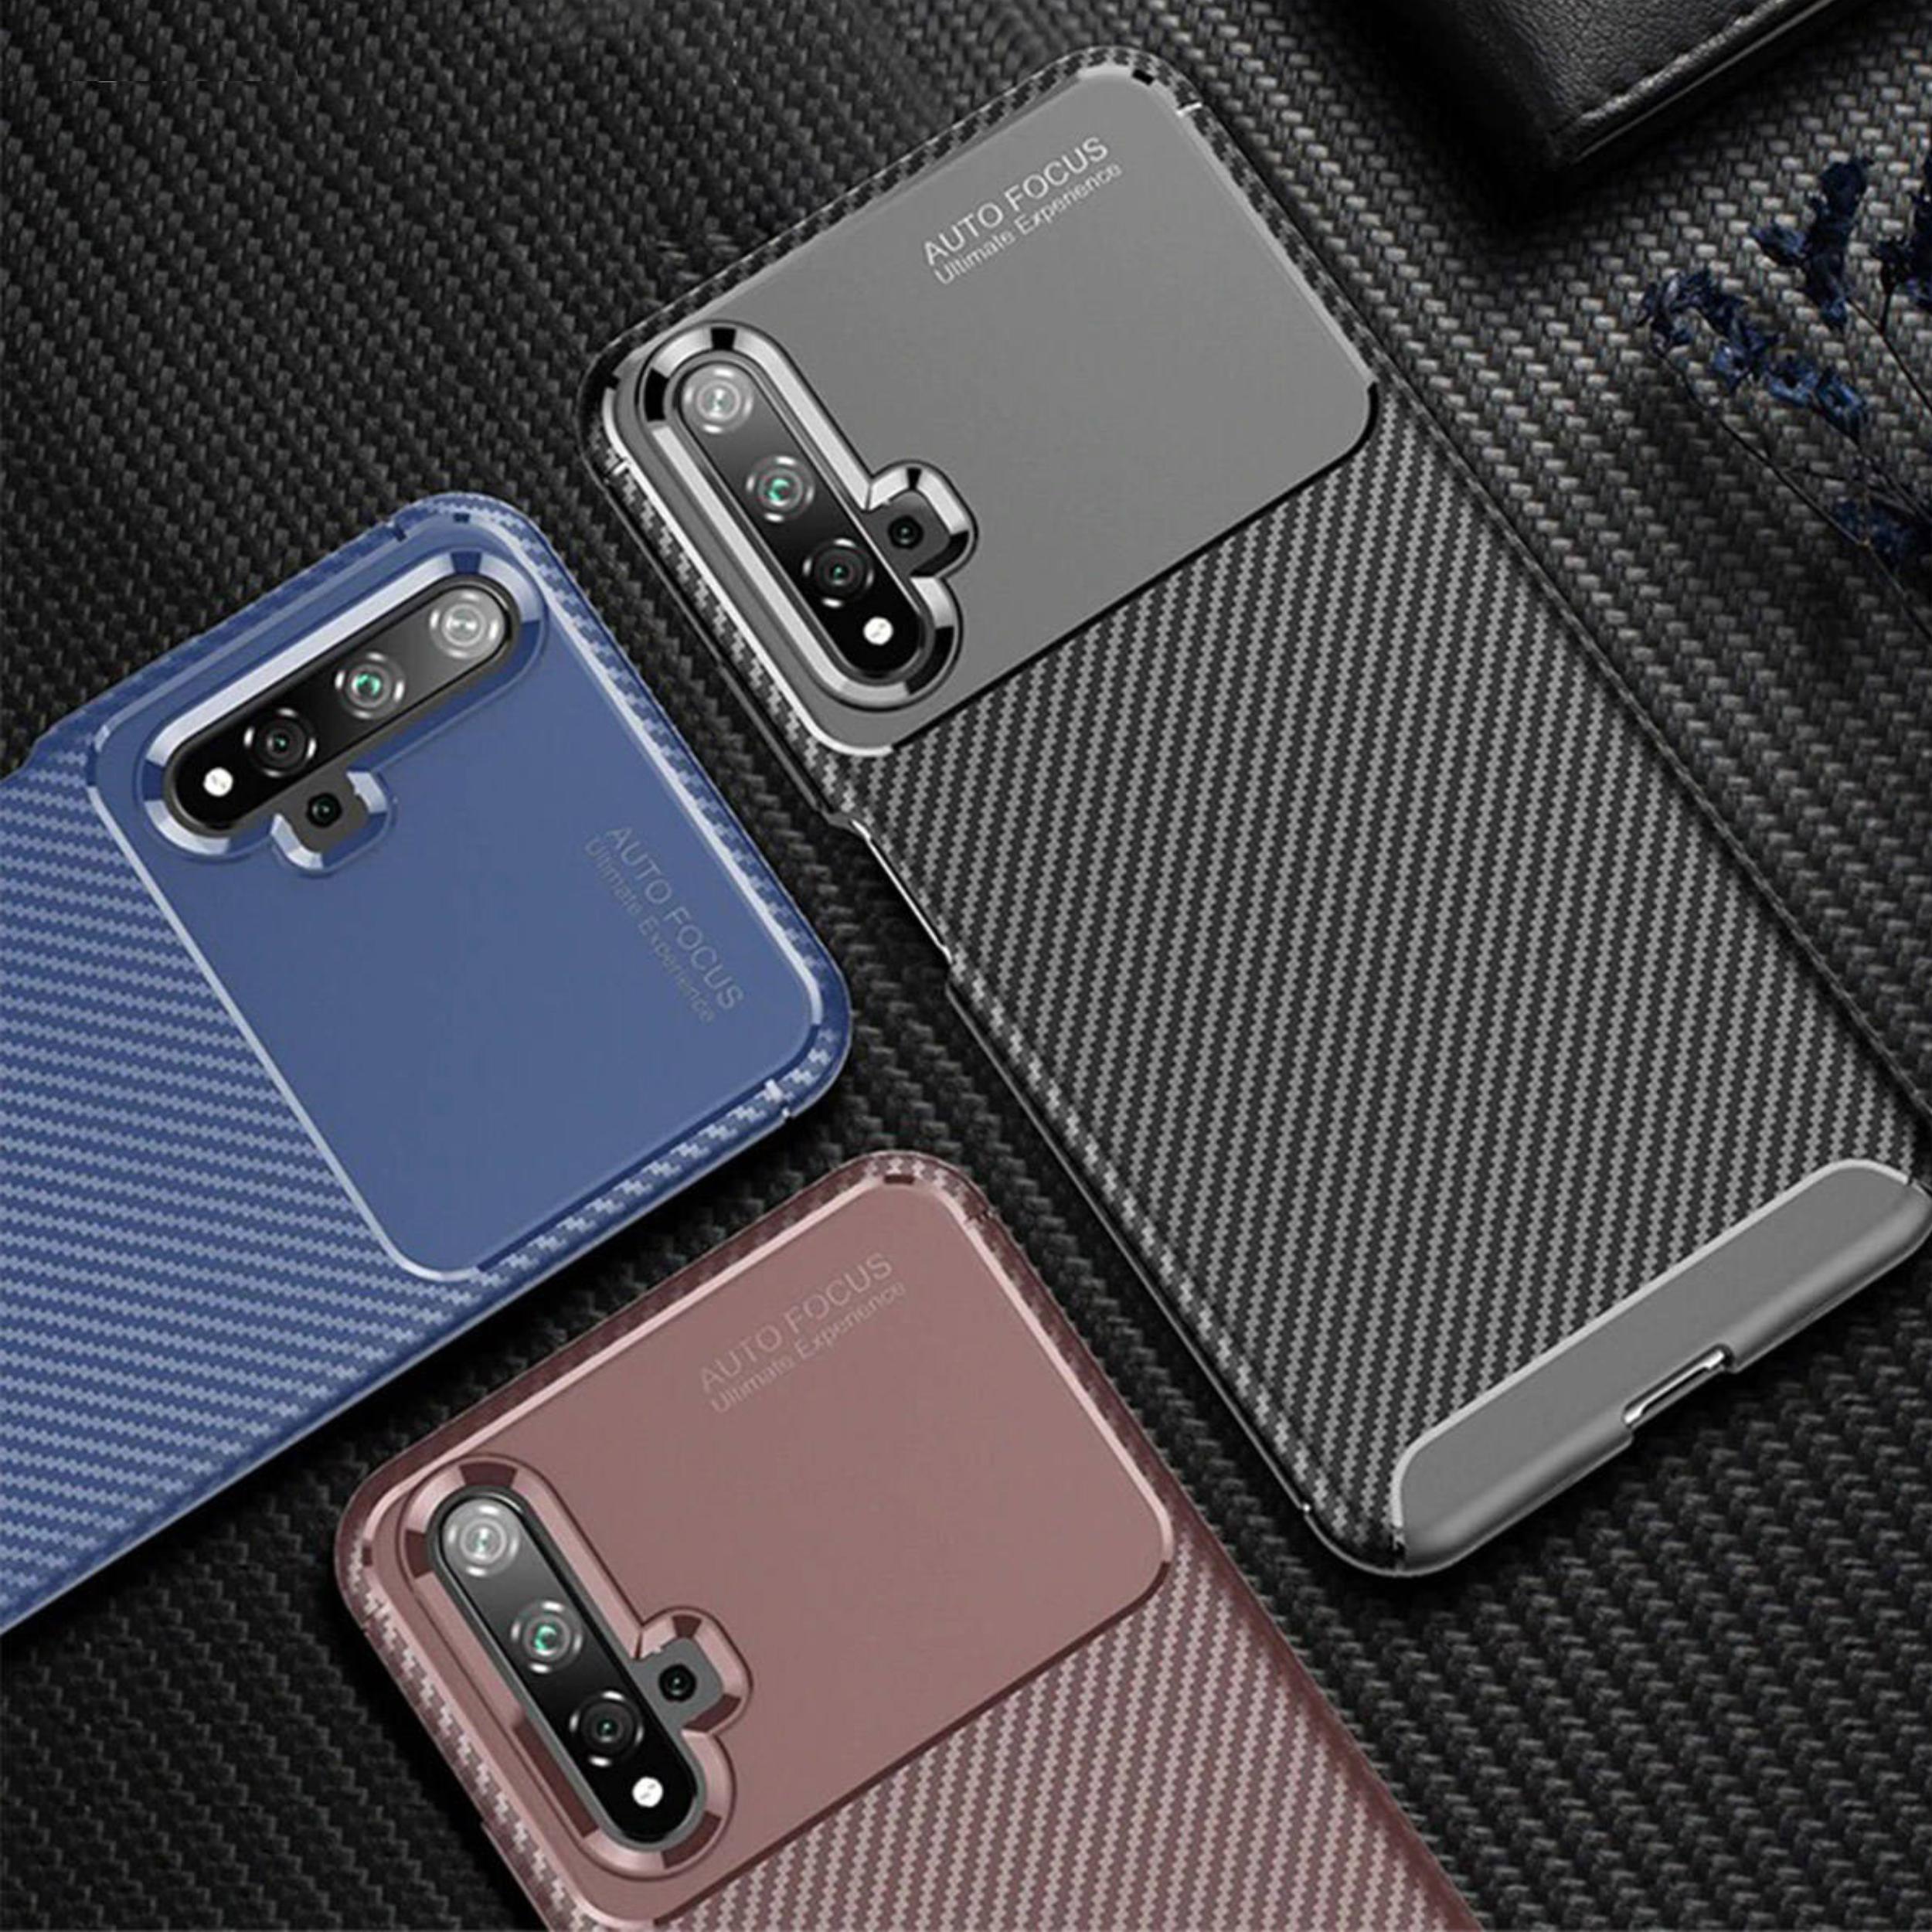 کاور لاین کینگ مدل A21 مناسب برای گوشی موبایل هوآوی Nova 5T thumb 2 11